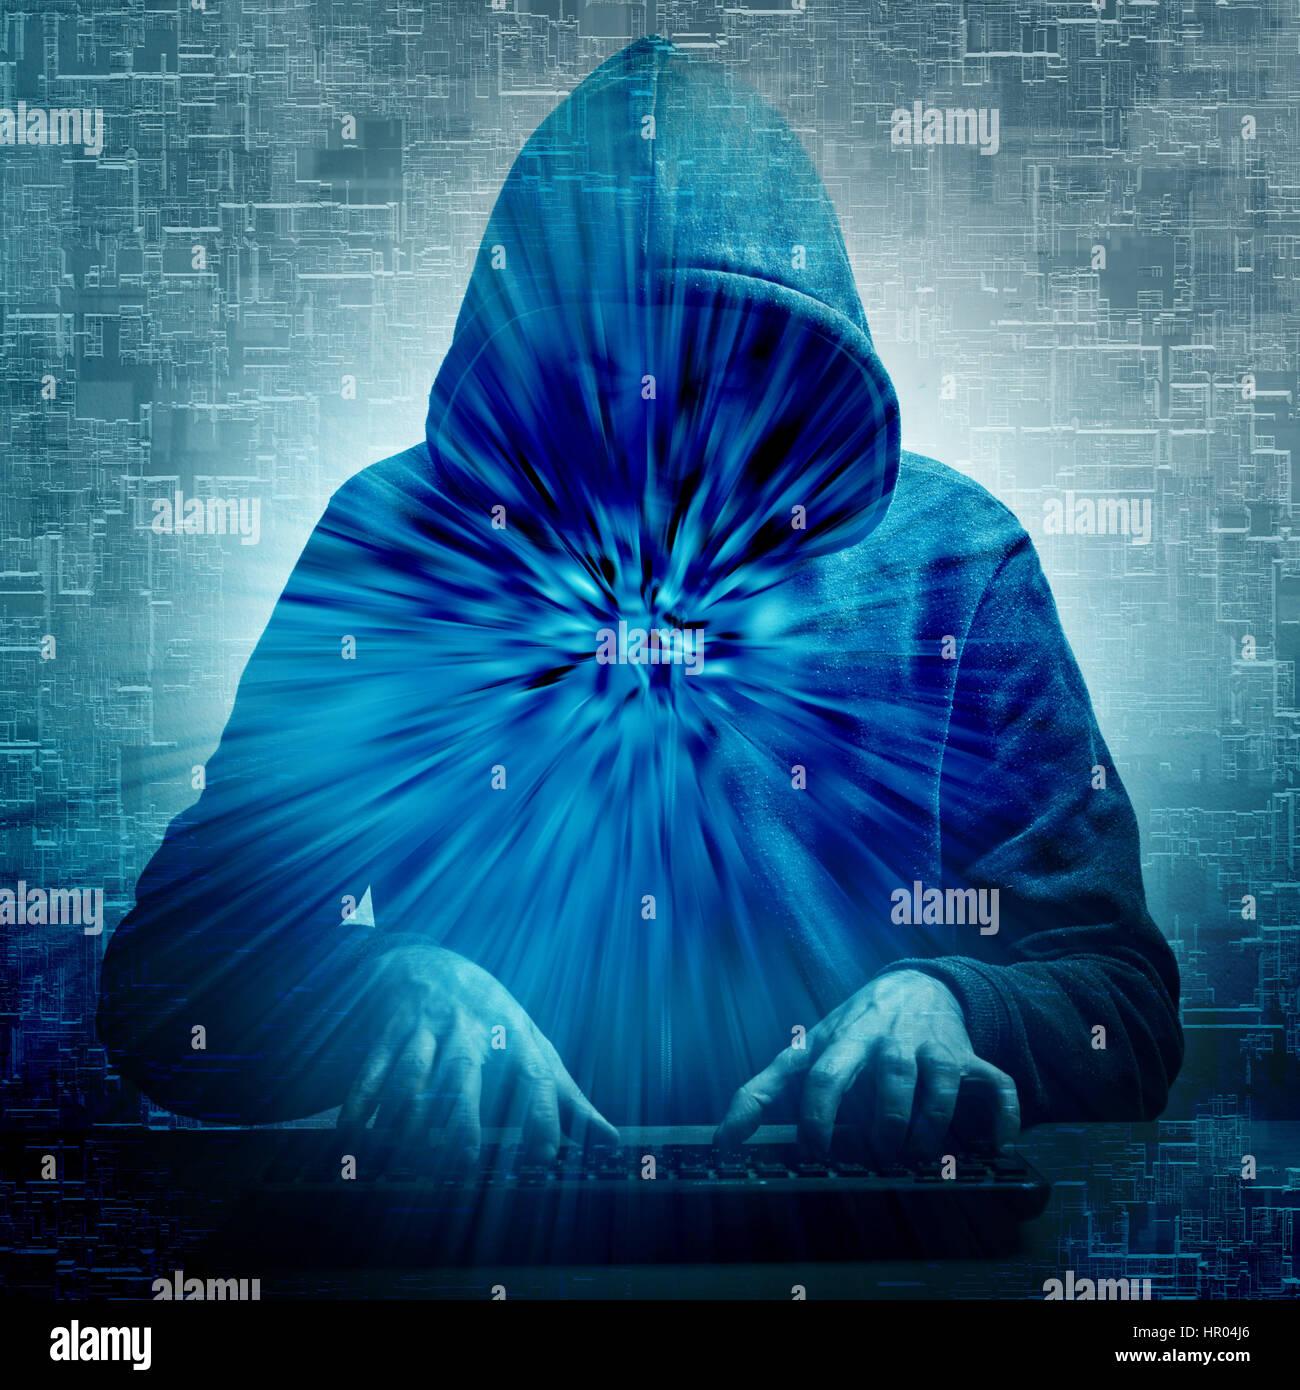 Hacker en acción, la ciberdelincuencia concepto Imagen De Stock